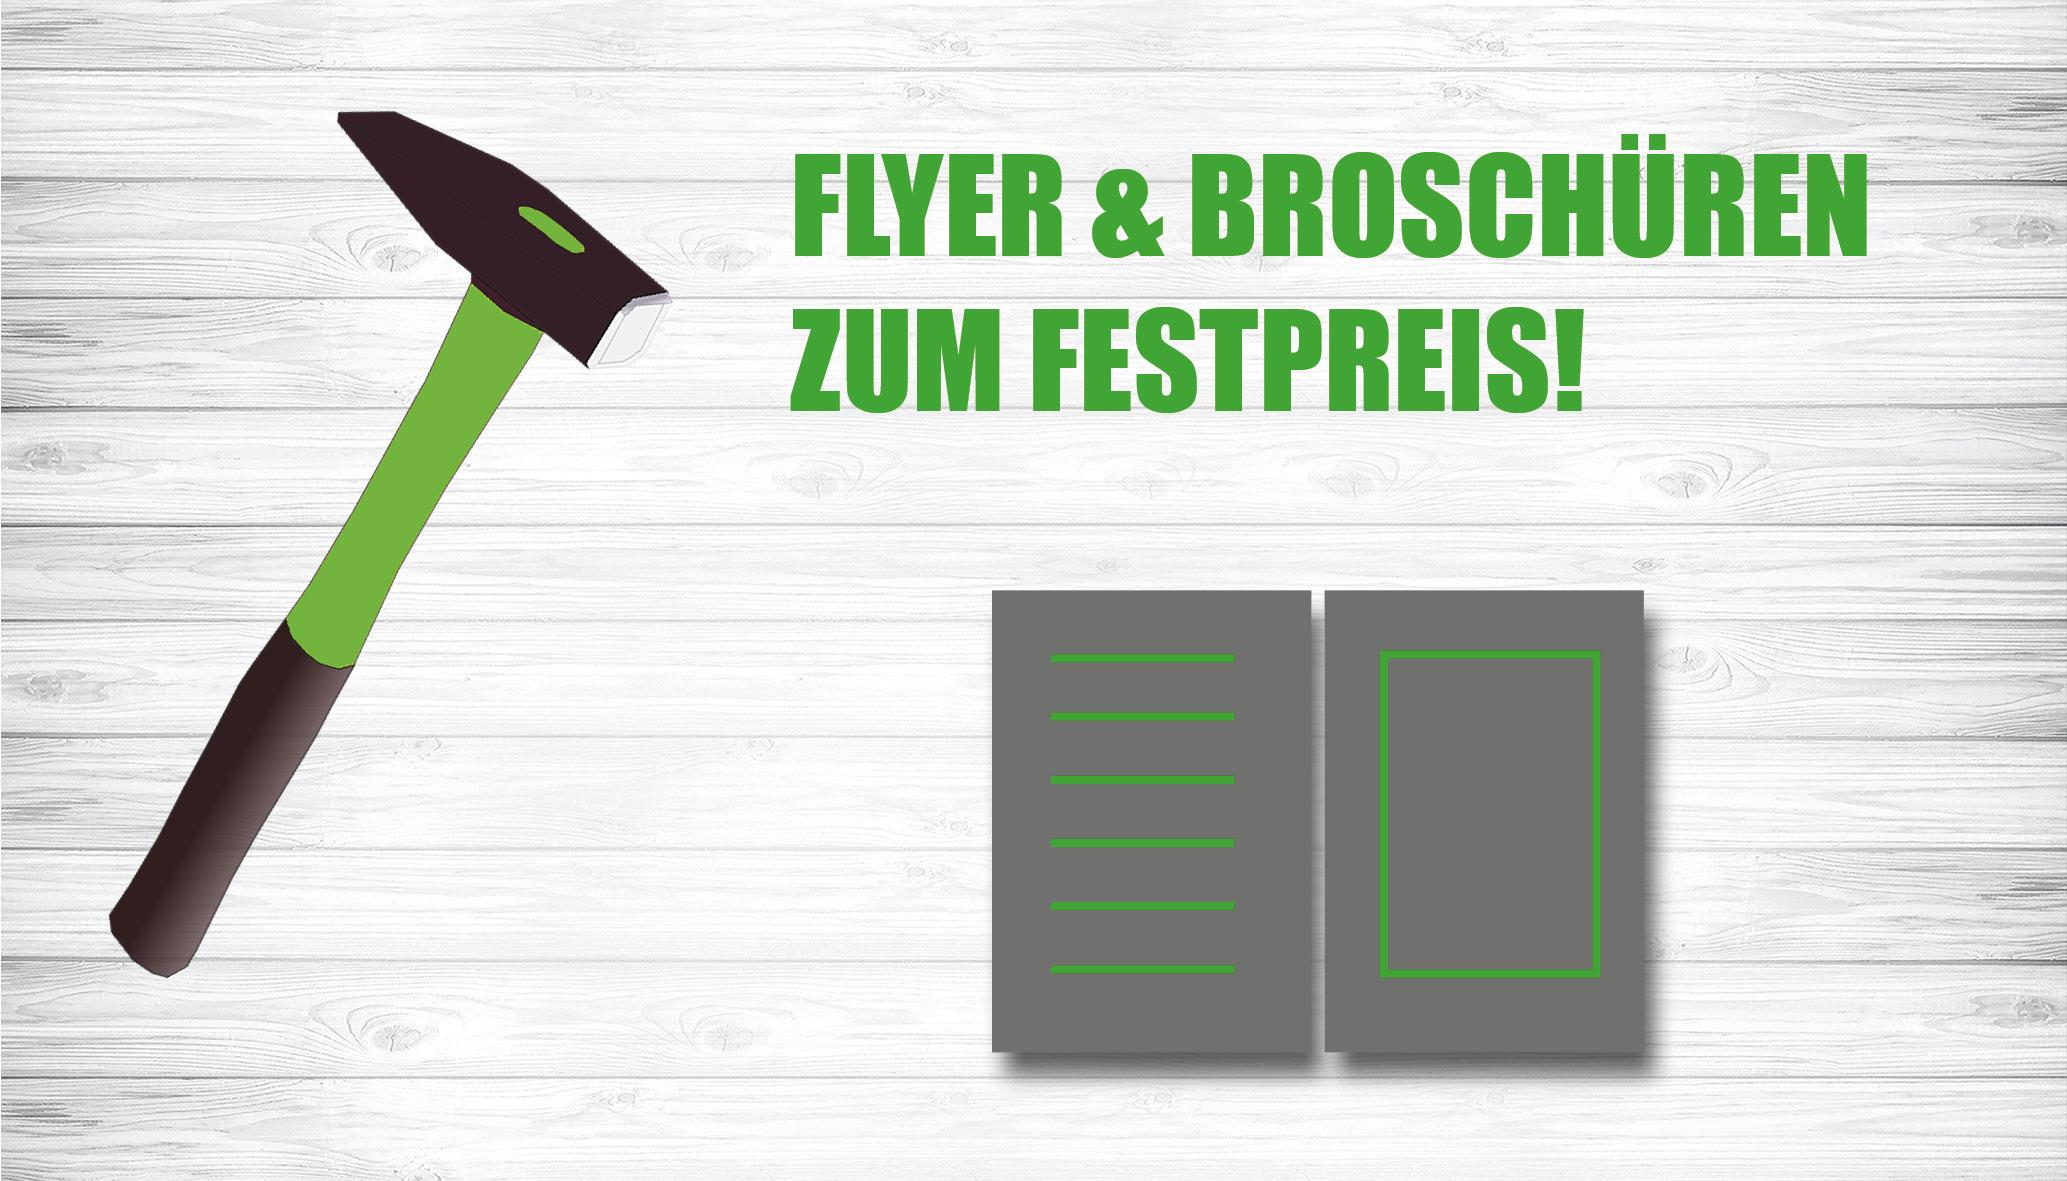 Slideshow_Flyer_und_Broschüren_1